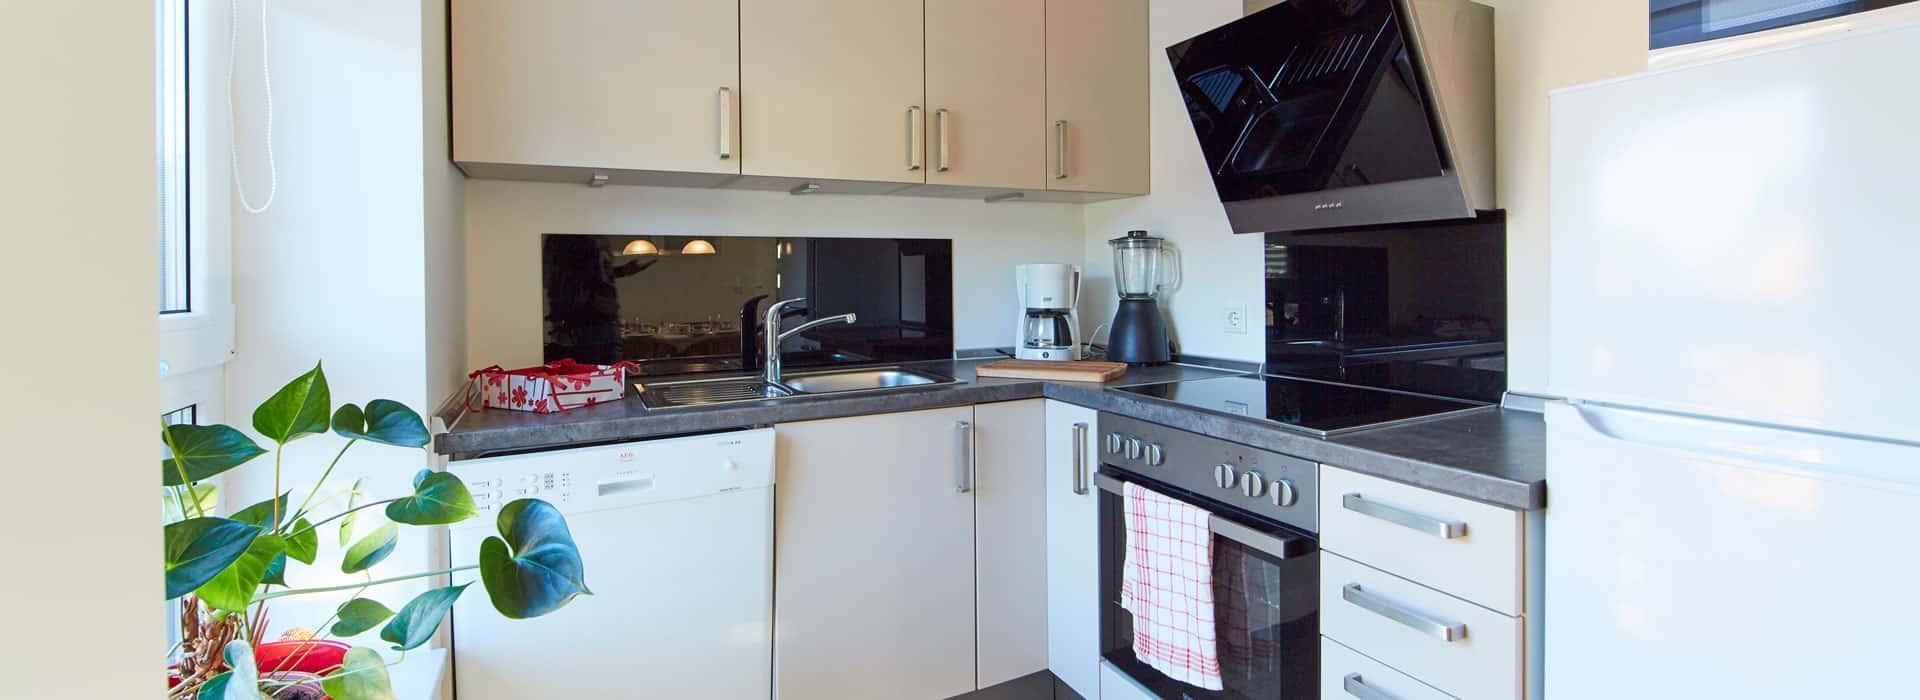 Die modern ausgestatte Küche mit Herd, Kochfeldern, Geschirrspühler und Kühl- Gefrierkombi